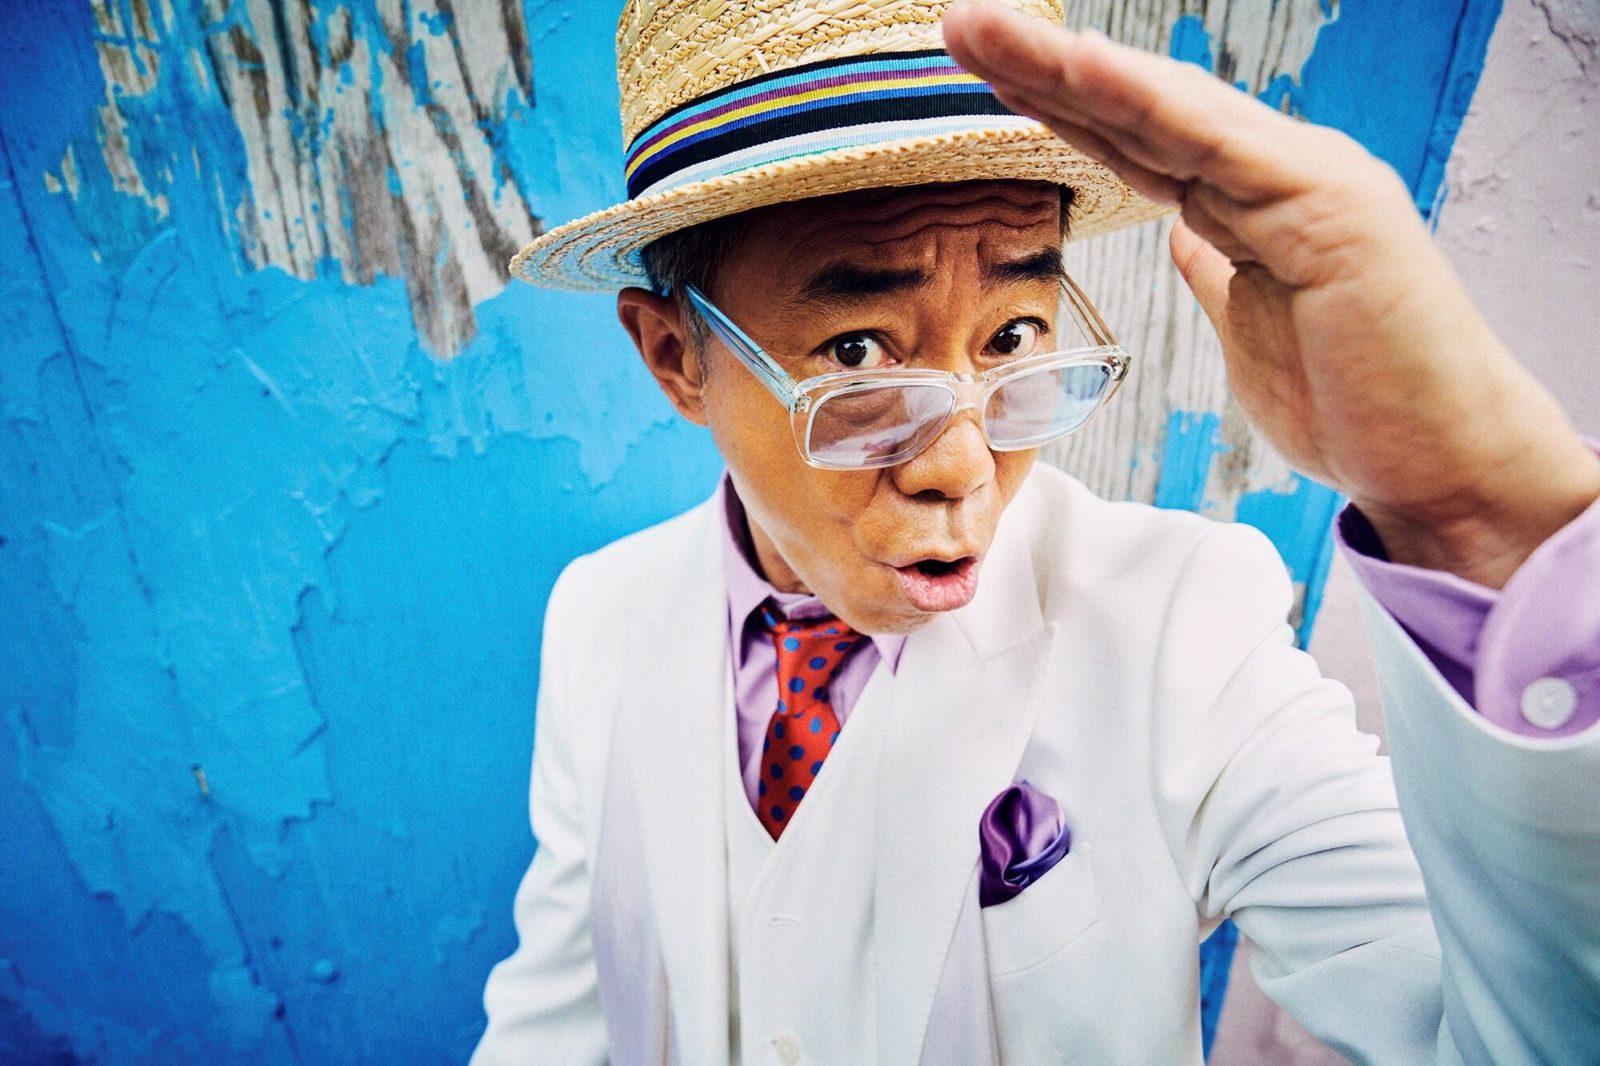 木梨憲武、キャリア初、ソロ・アーティストとしてユニバーサルミュージックよりリリース決定サムネイル画像